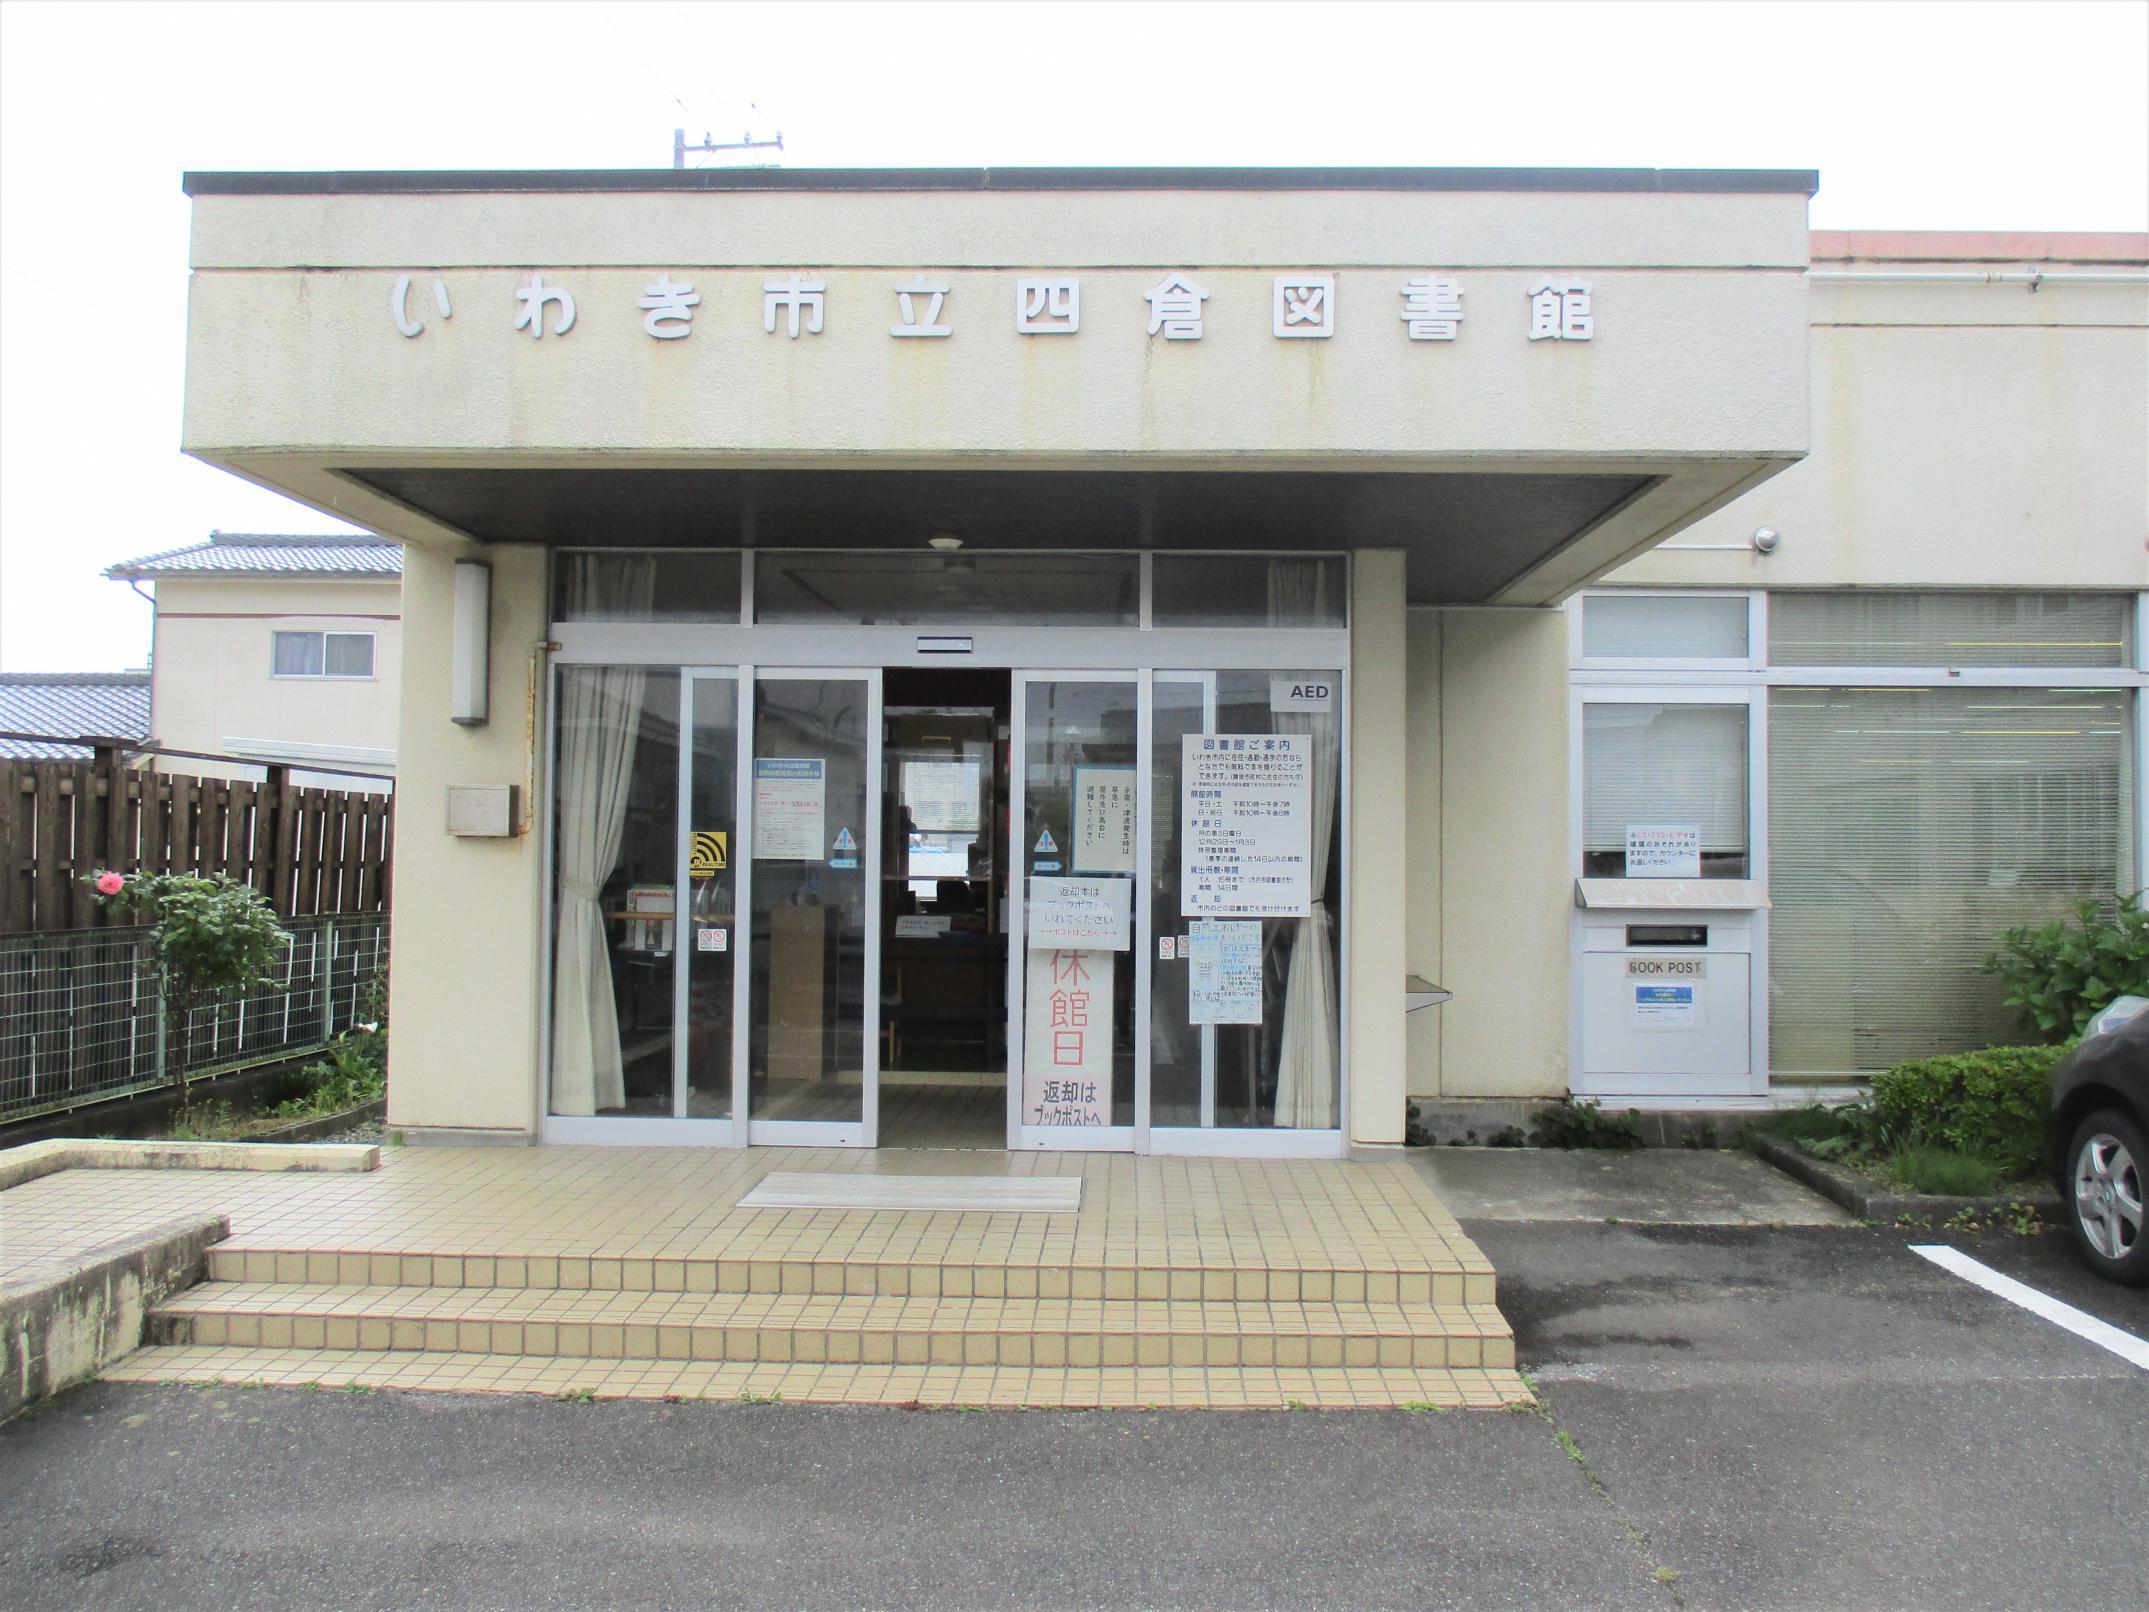 四倉図書館入り口遠景の写真